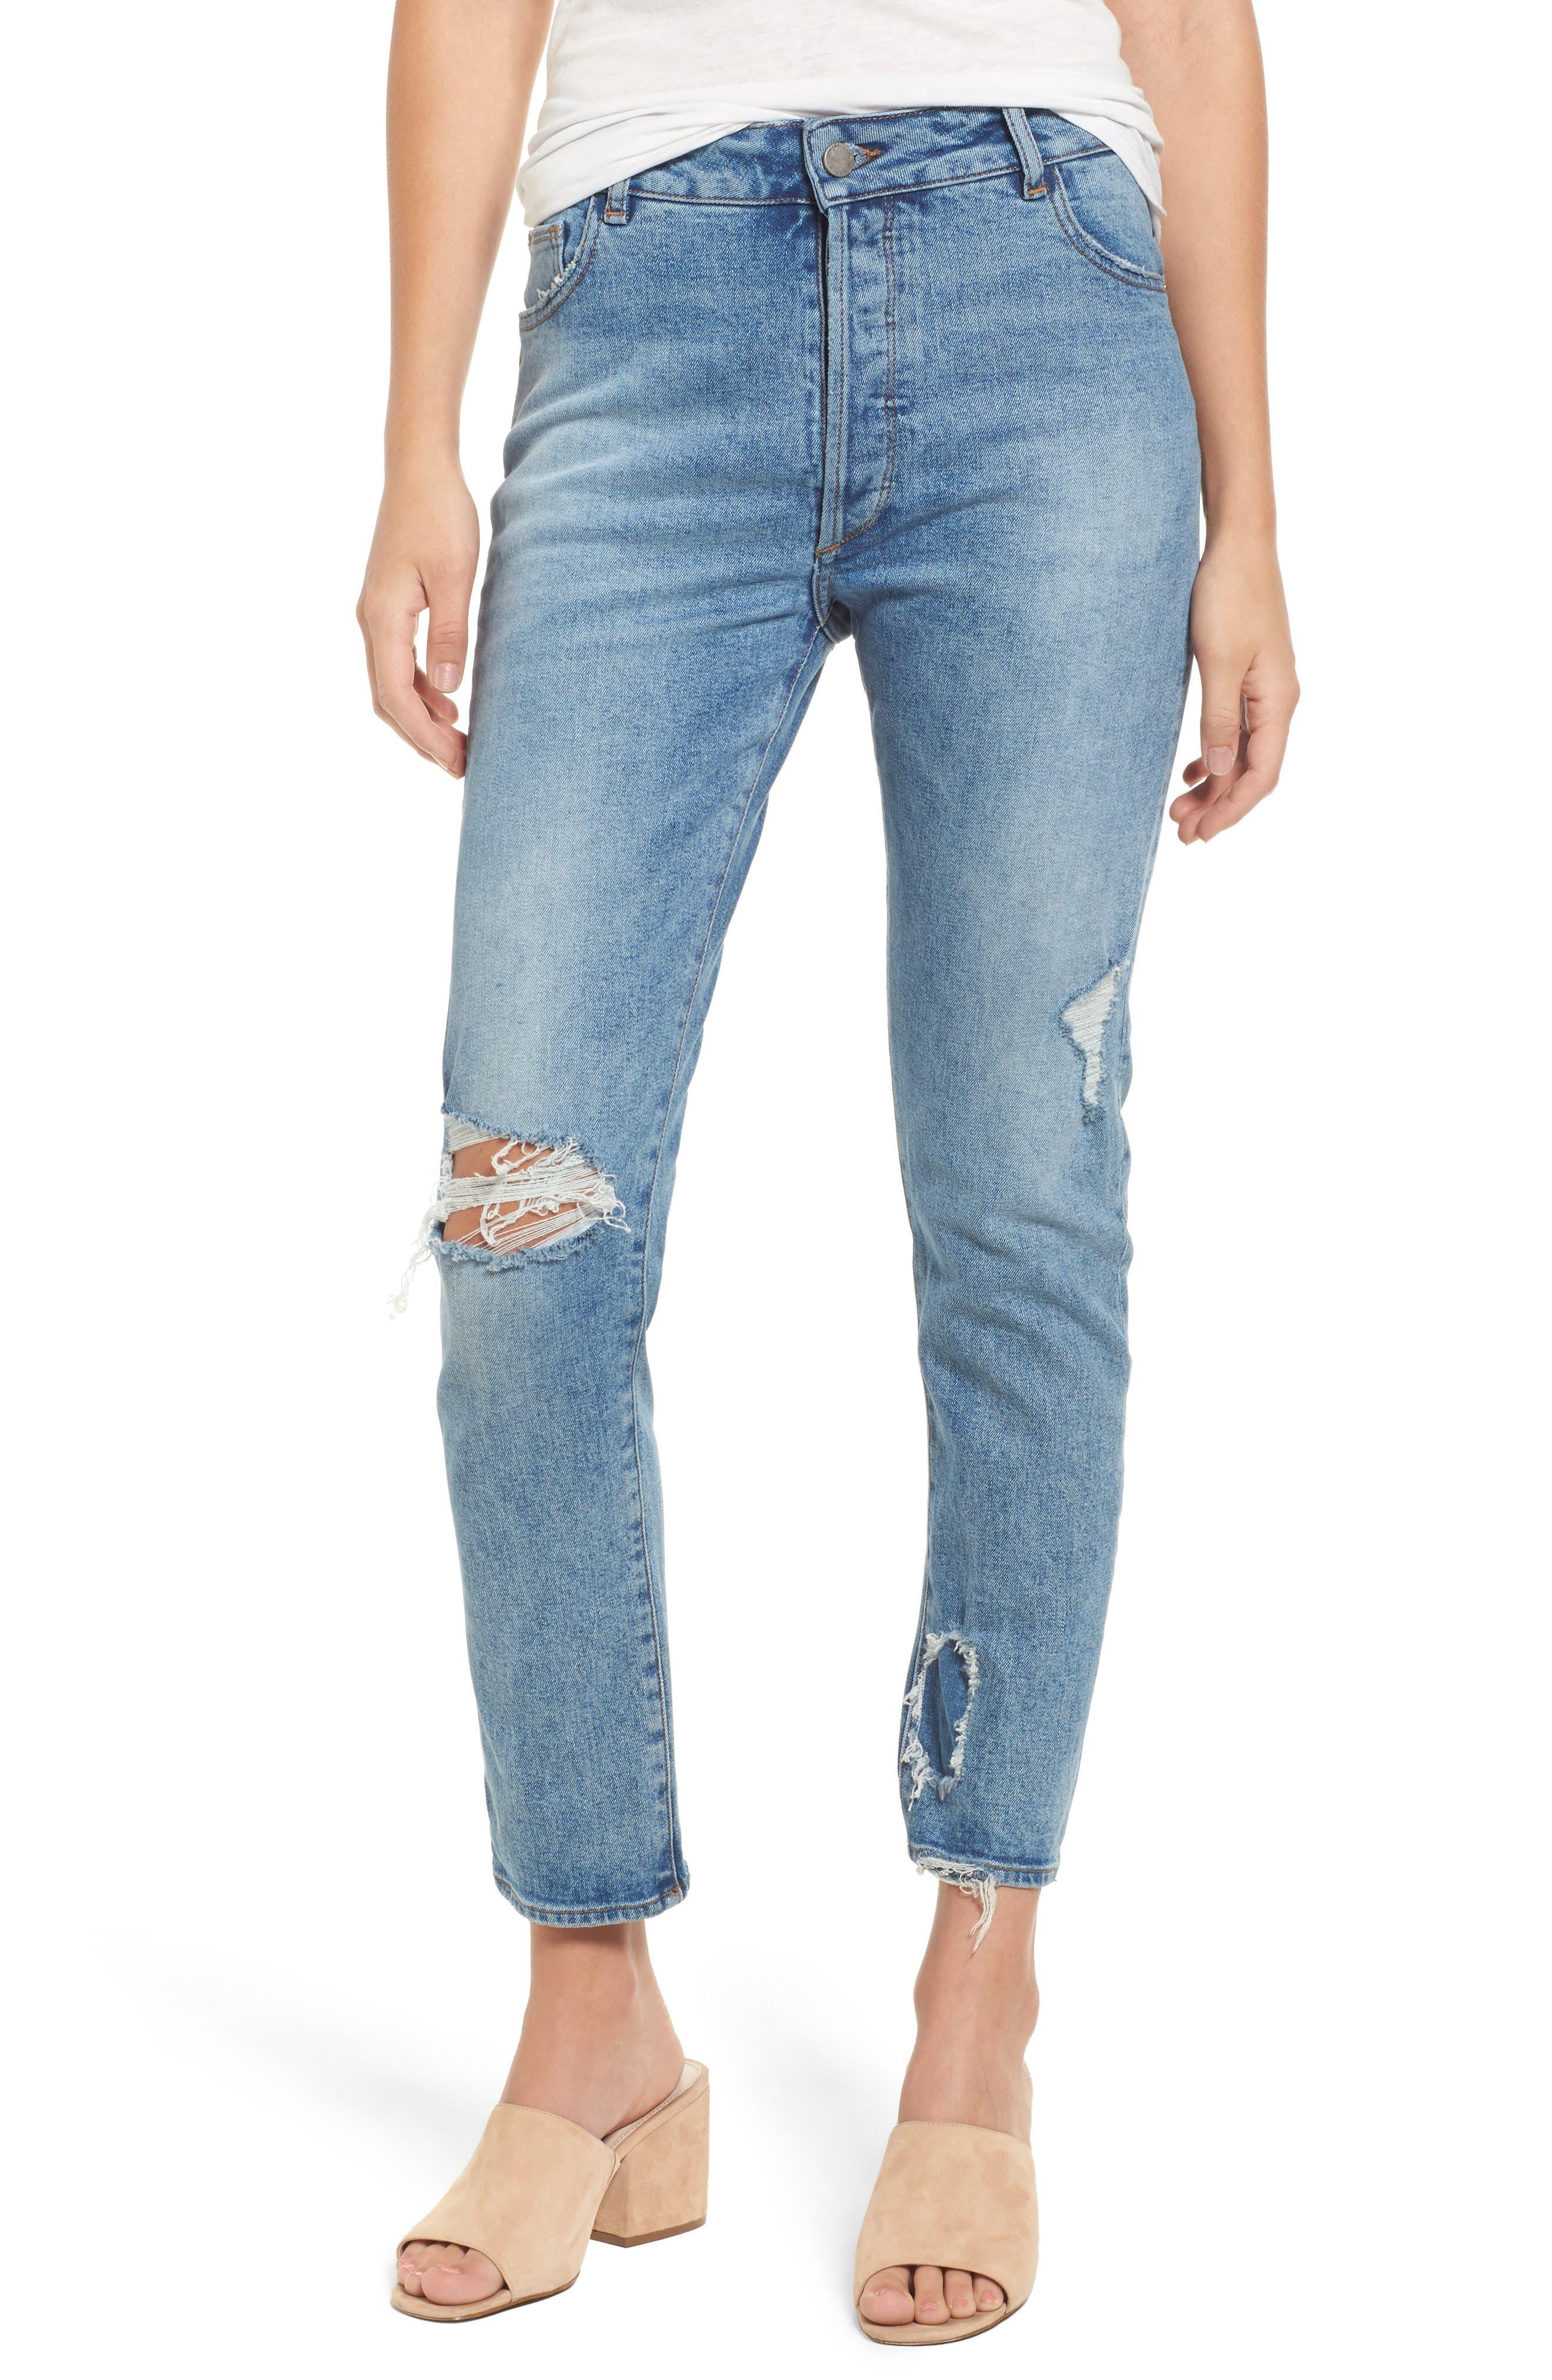 Bella Vintage Ankle Skinny Jeans,                         Main,                         color, 430